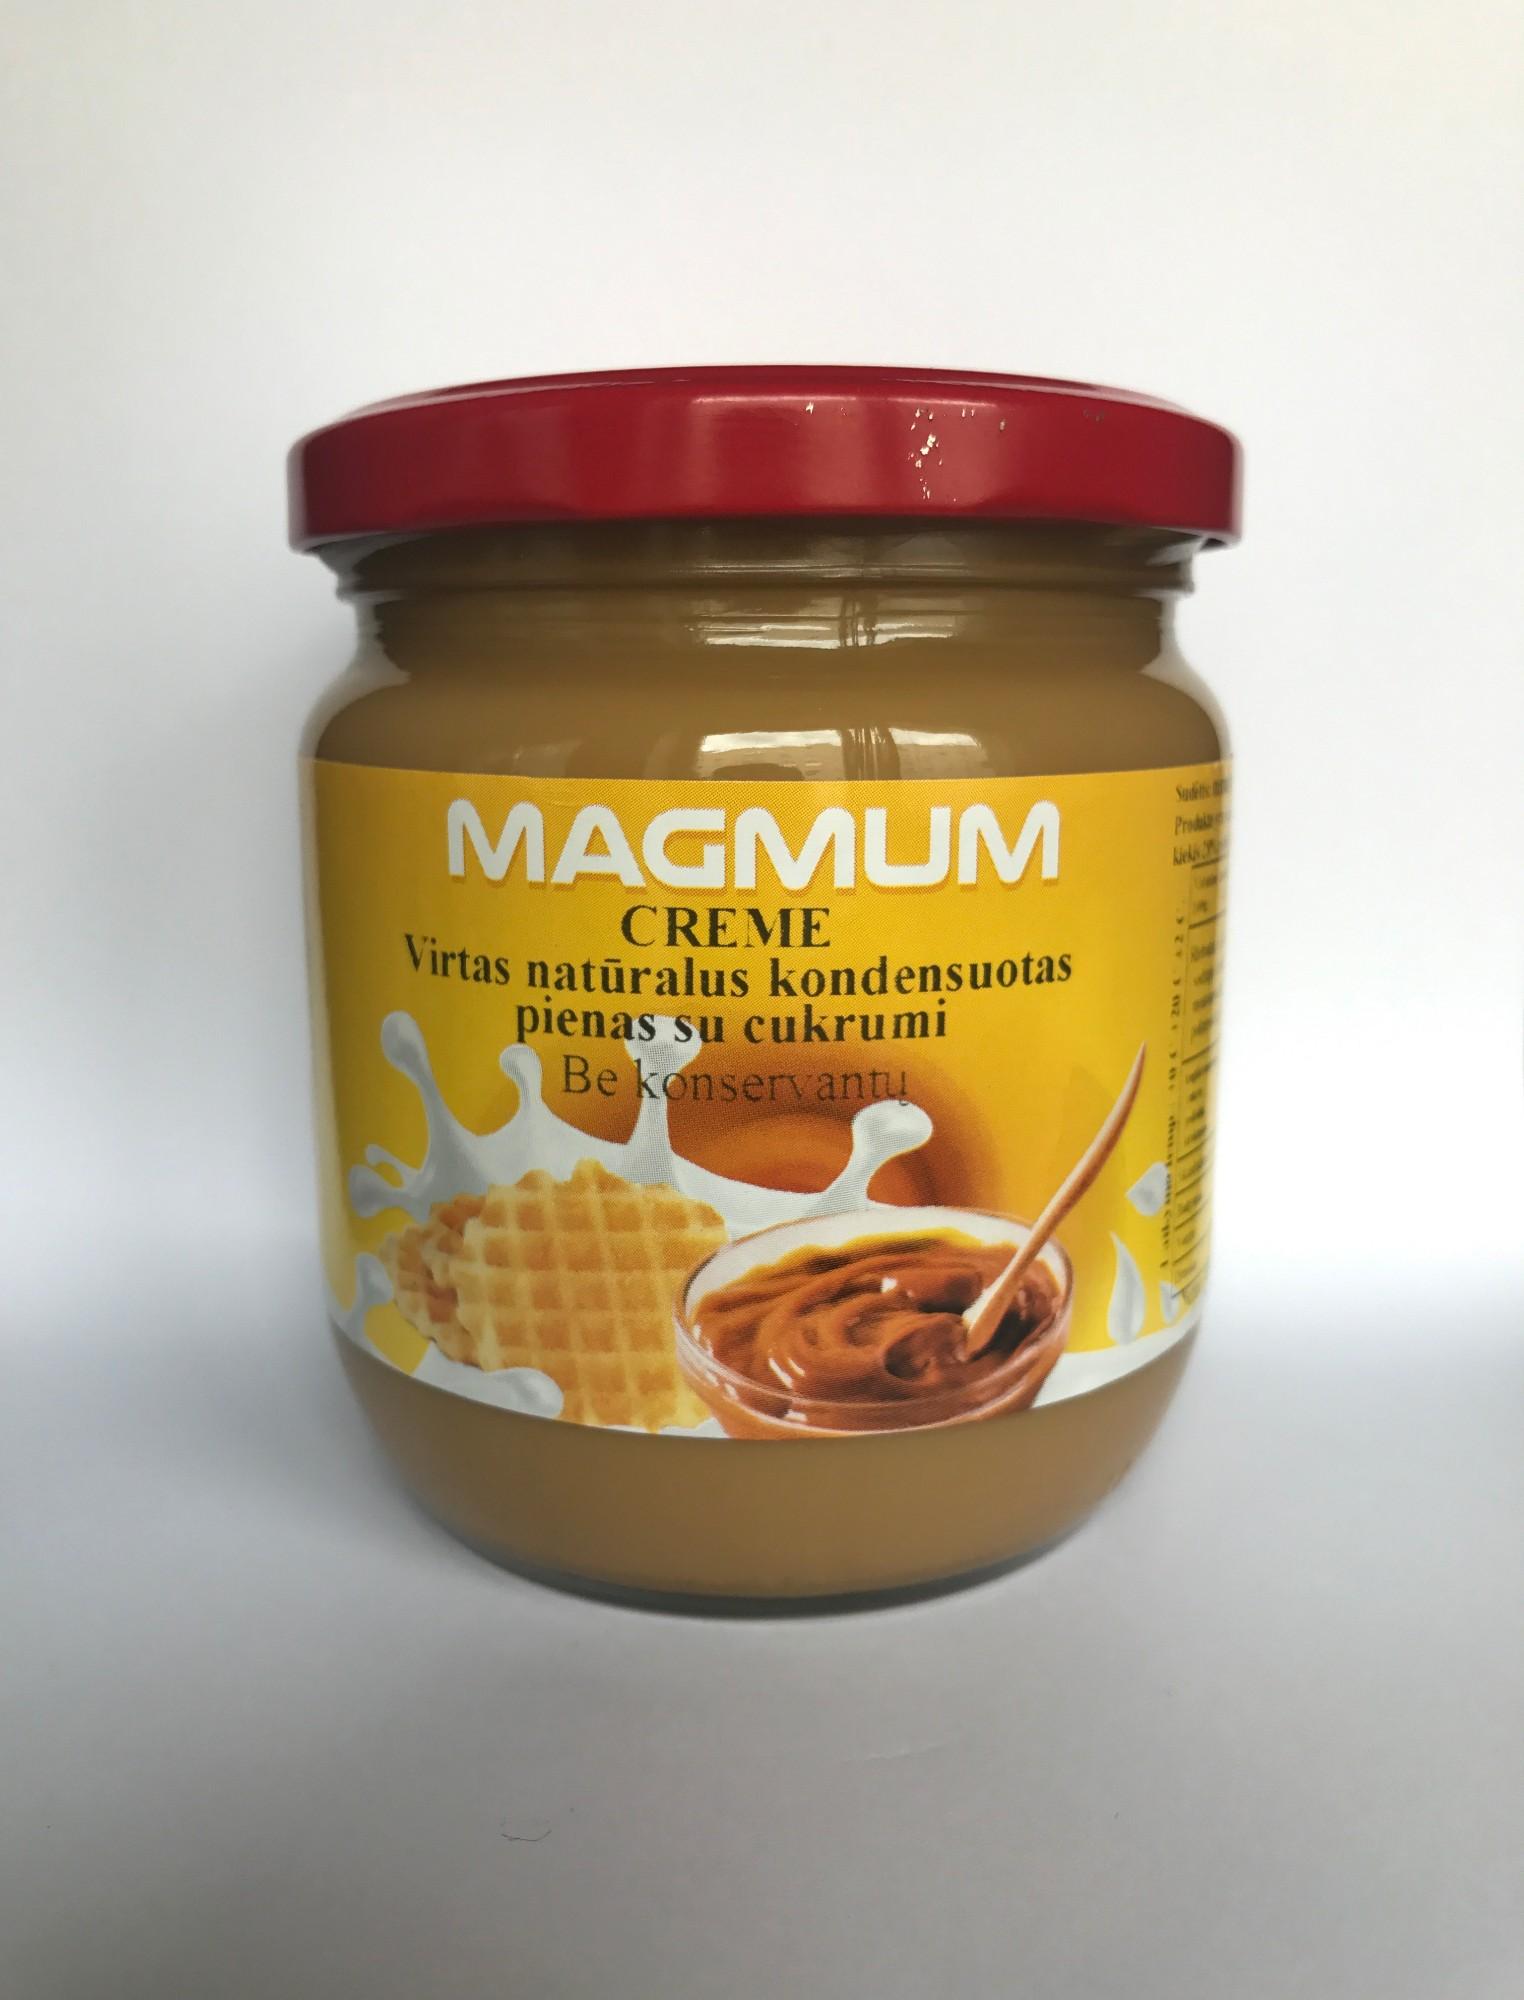 Virtas kondensuotas pienas MAGMUM Creme, 485g